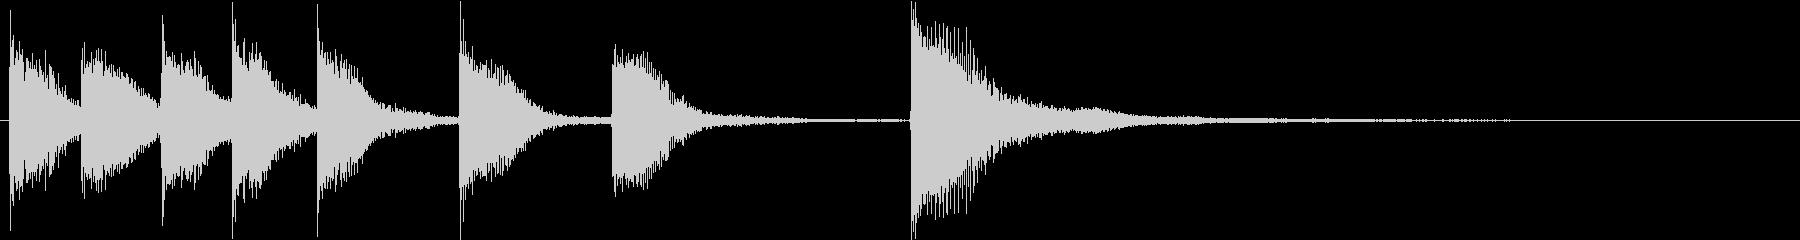 ピアノジングル 幼児向けアニメ系H-01の未再生の波形